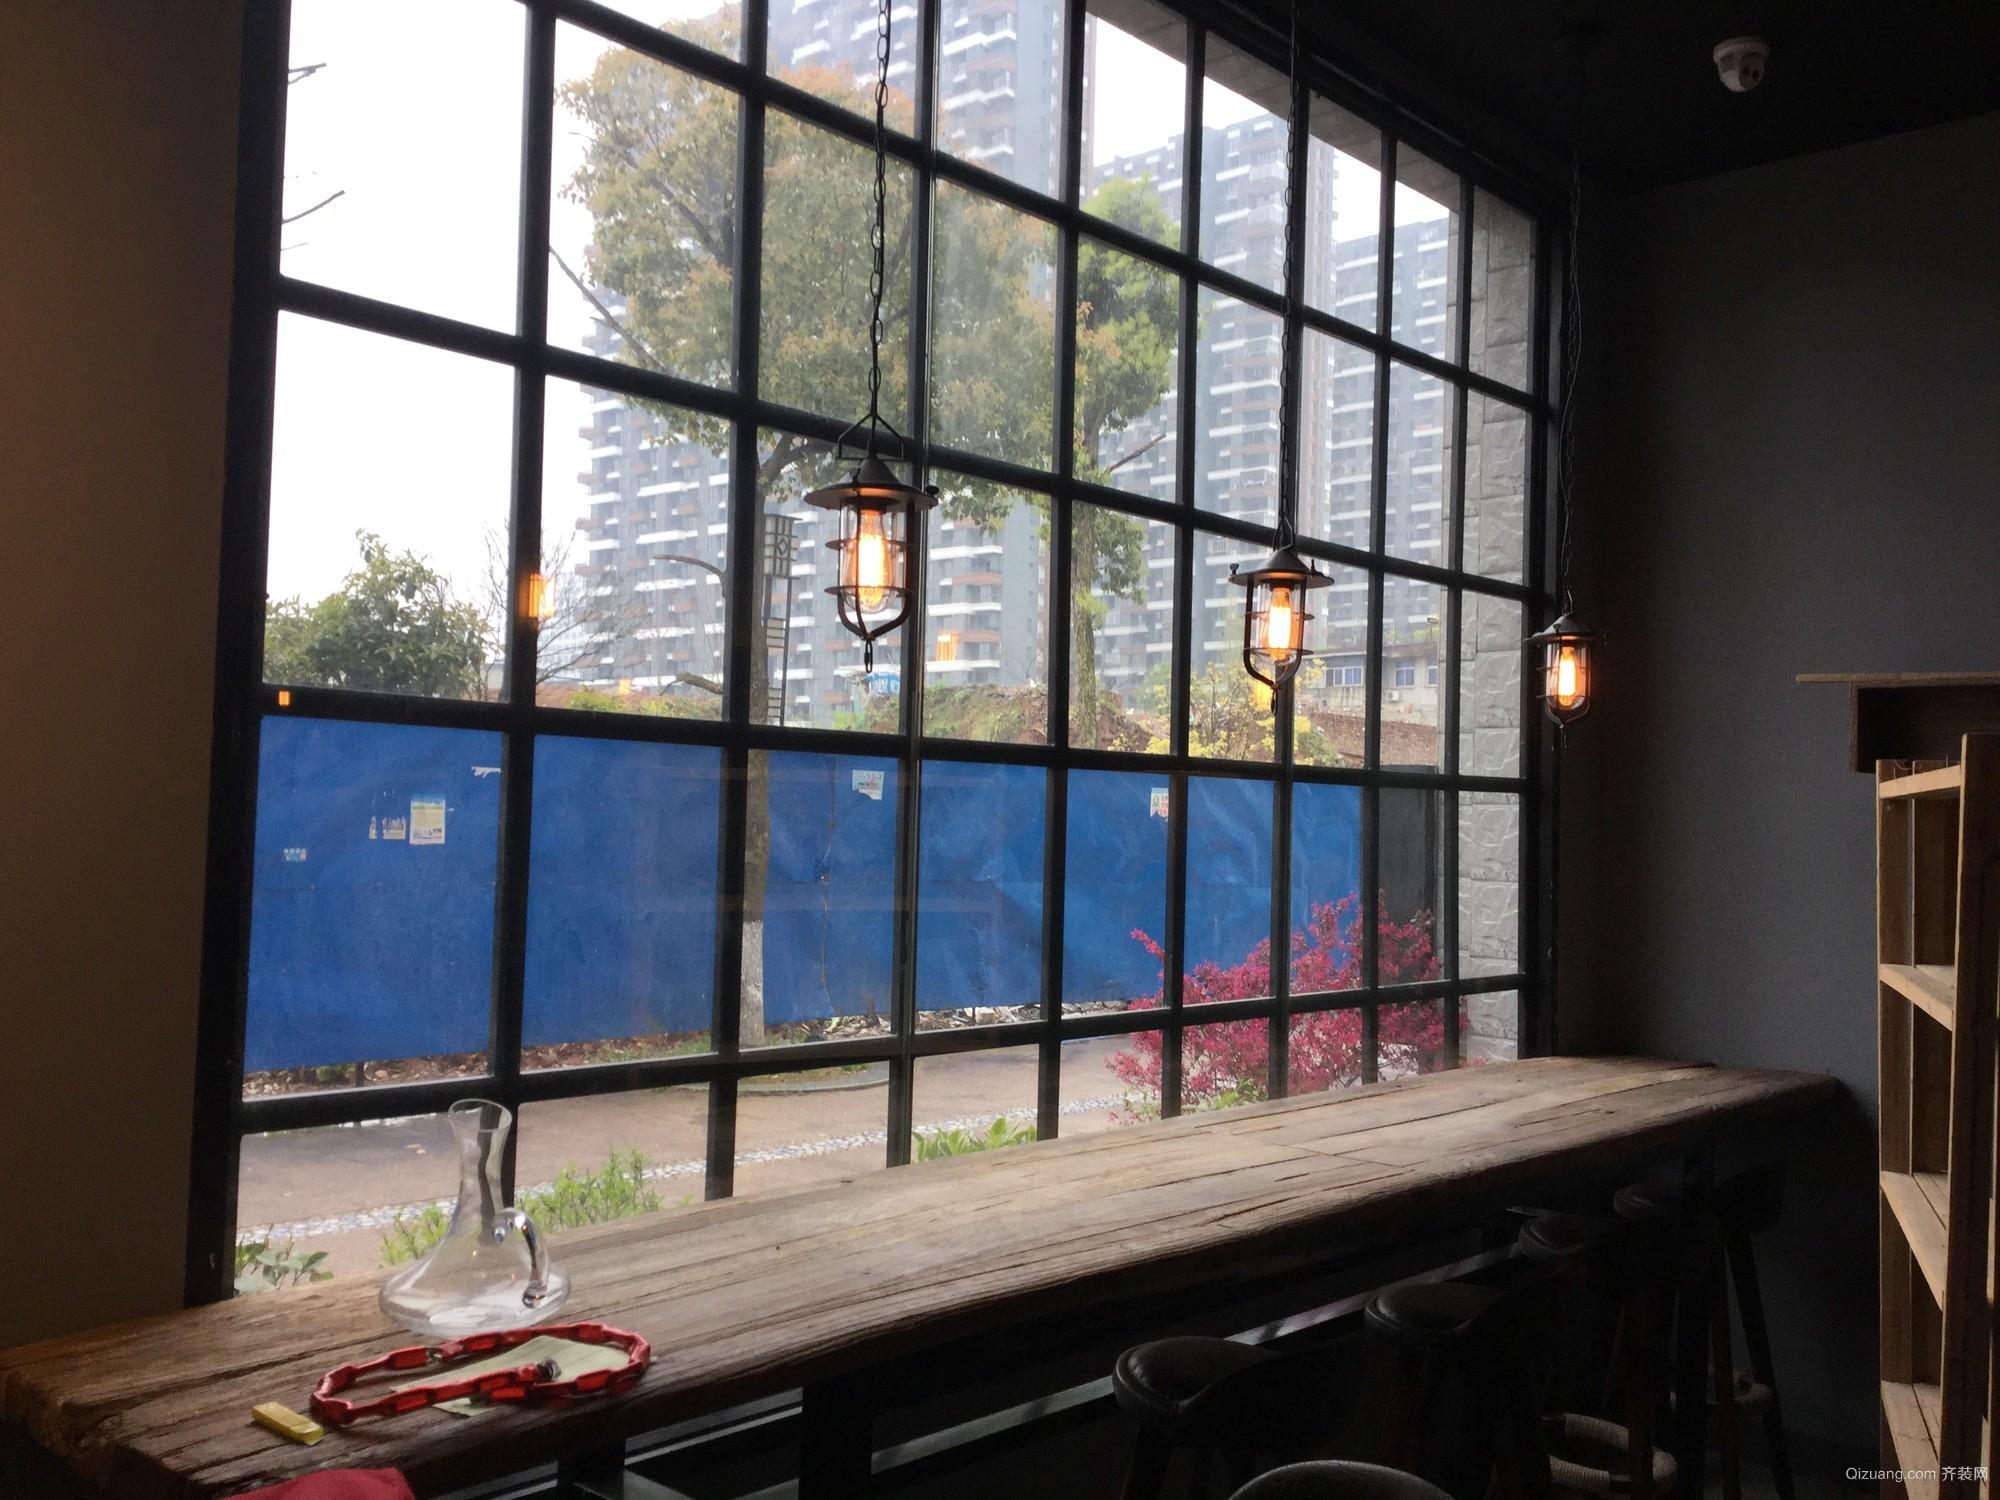 长虹金域猫咪咖啡店混搭风格装修效果图实景图